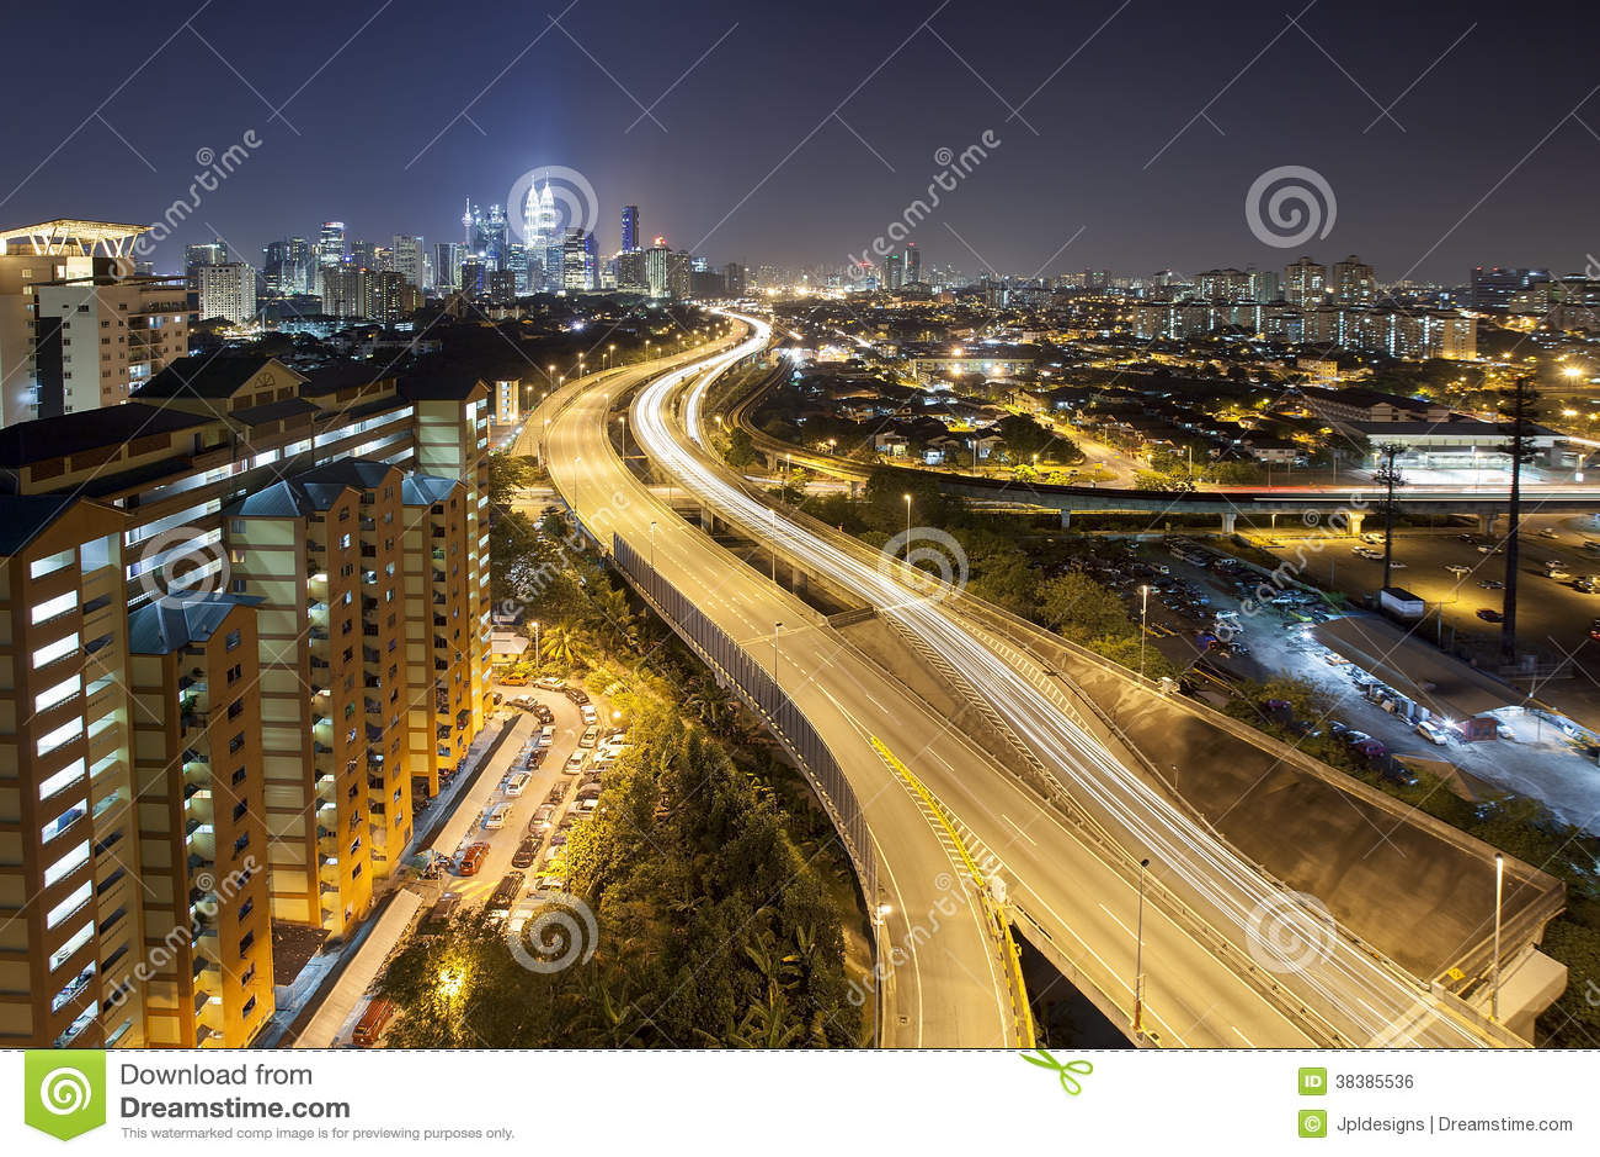 De Horizon van Ampangkuala lumpur elevated highway city bij Schemer